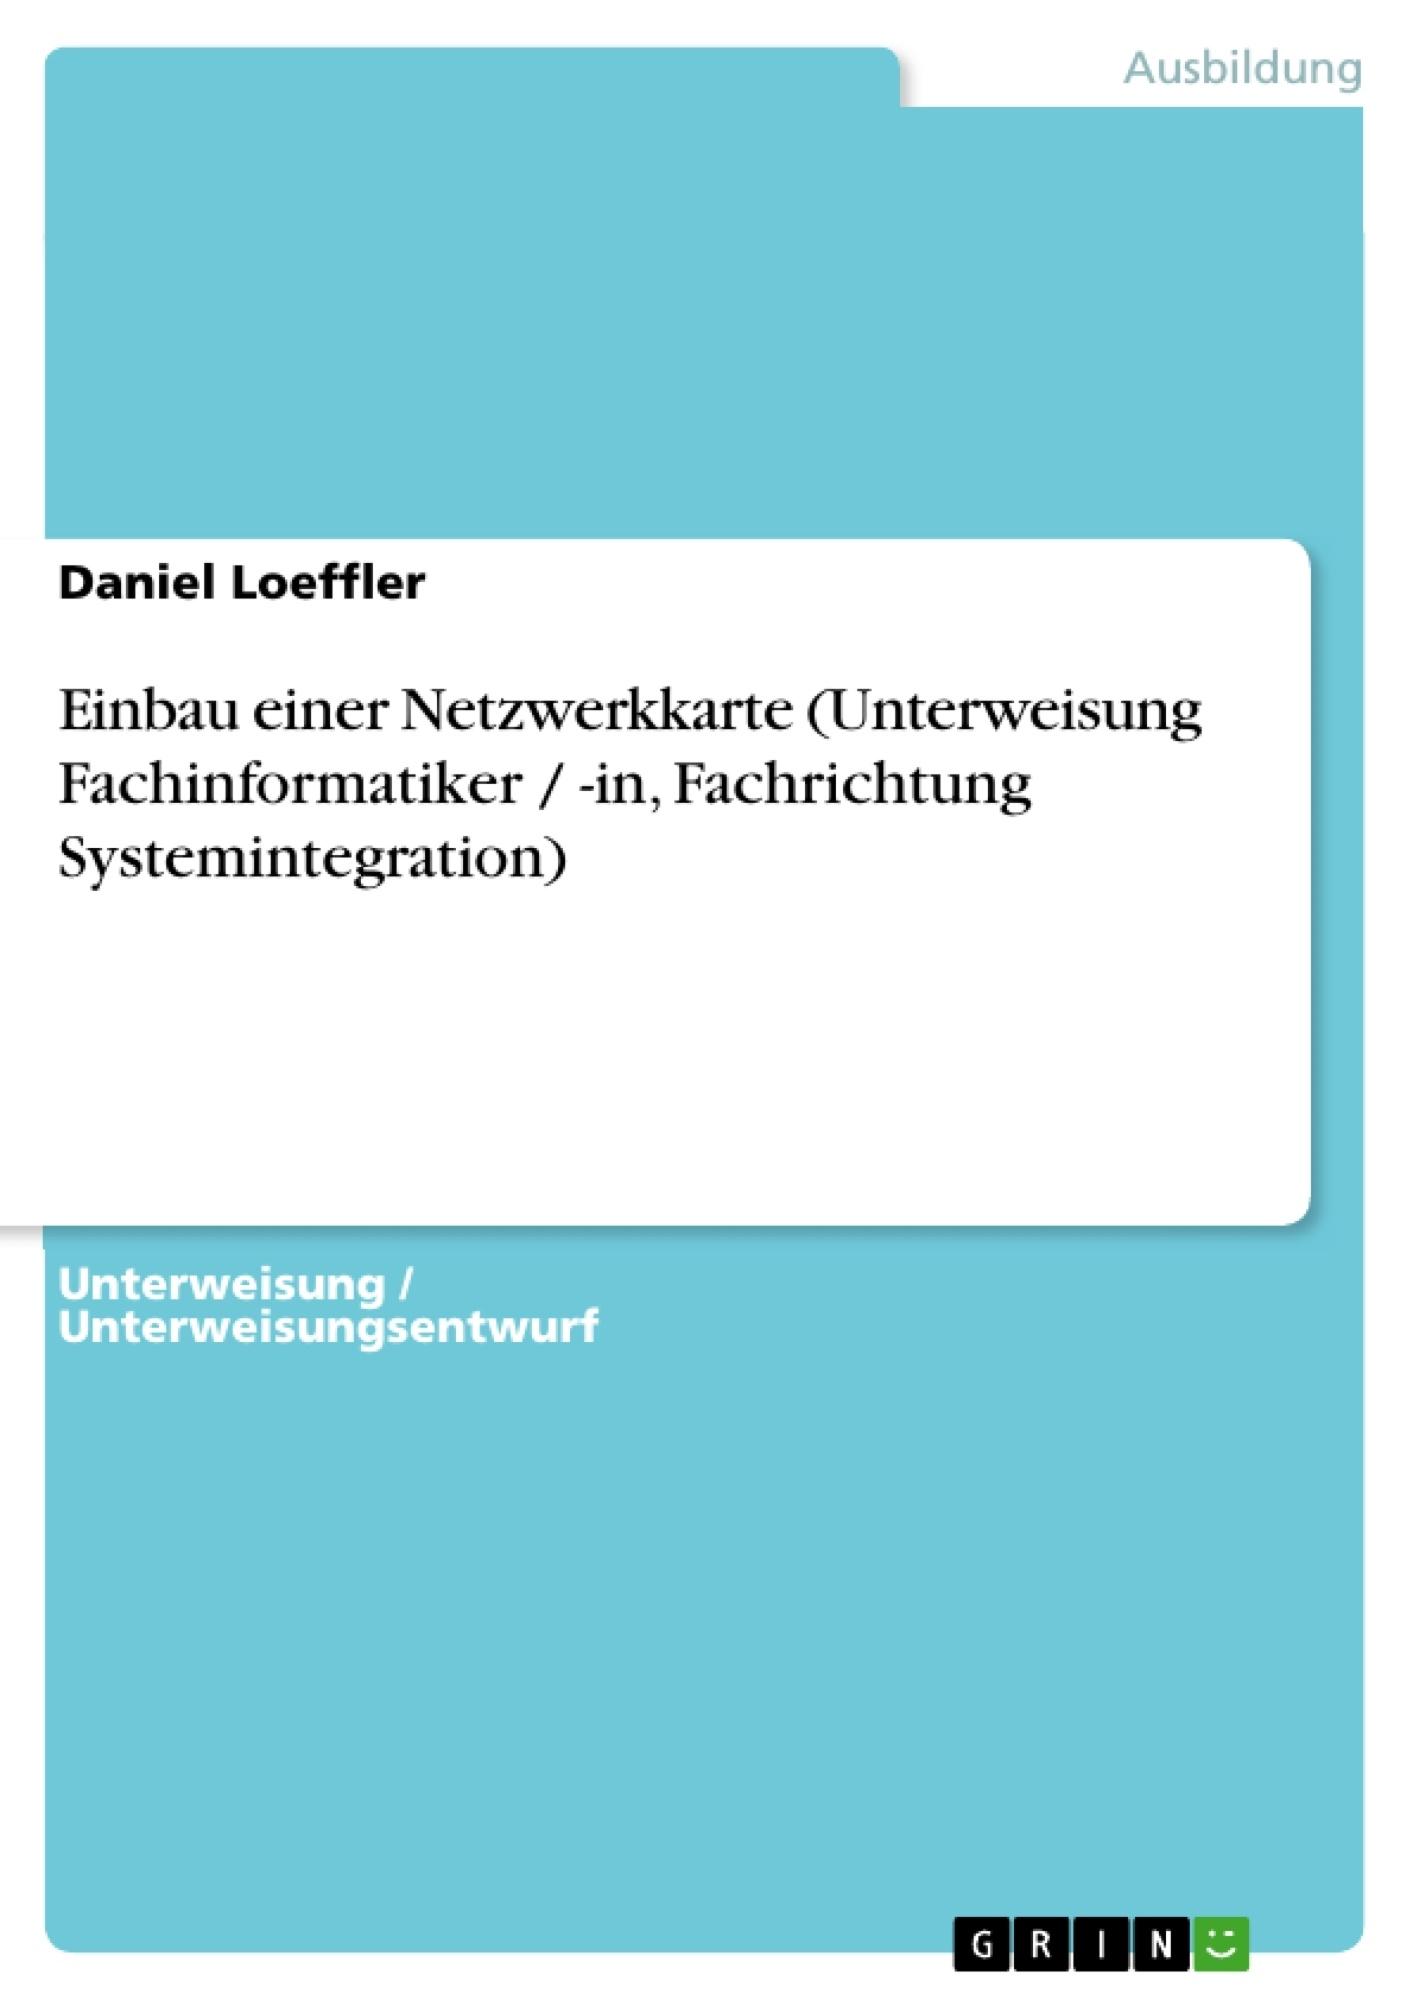 Titel: Einbau einer Netzwerkkarte (Unterweisung Fachinformatiker / -in, Fachrichtung Systemintegration)